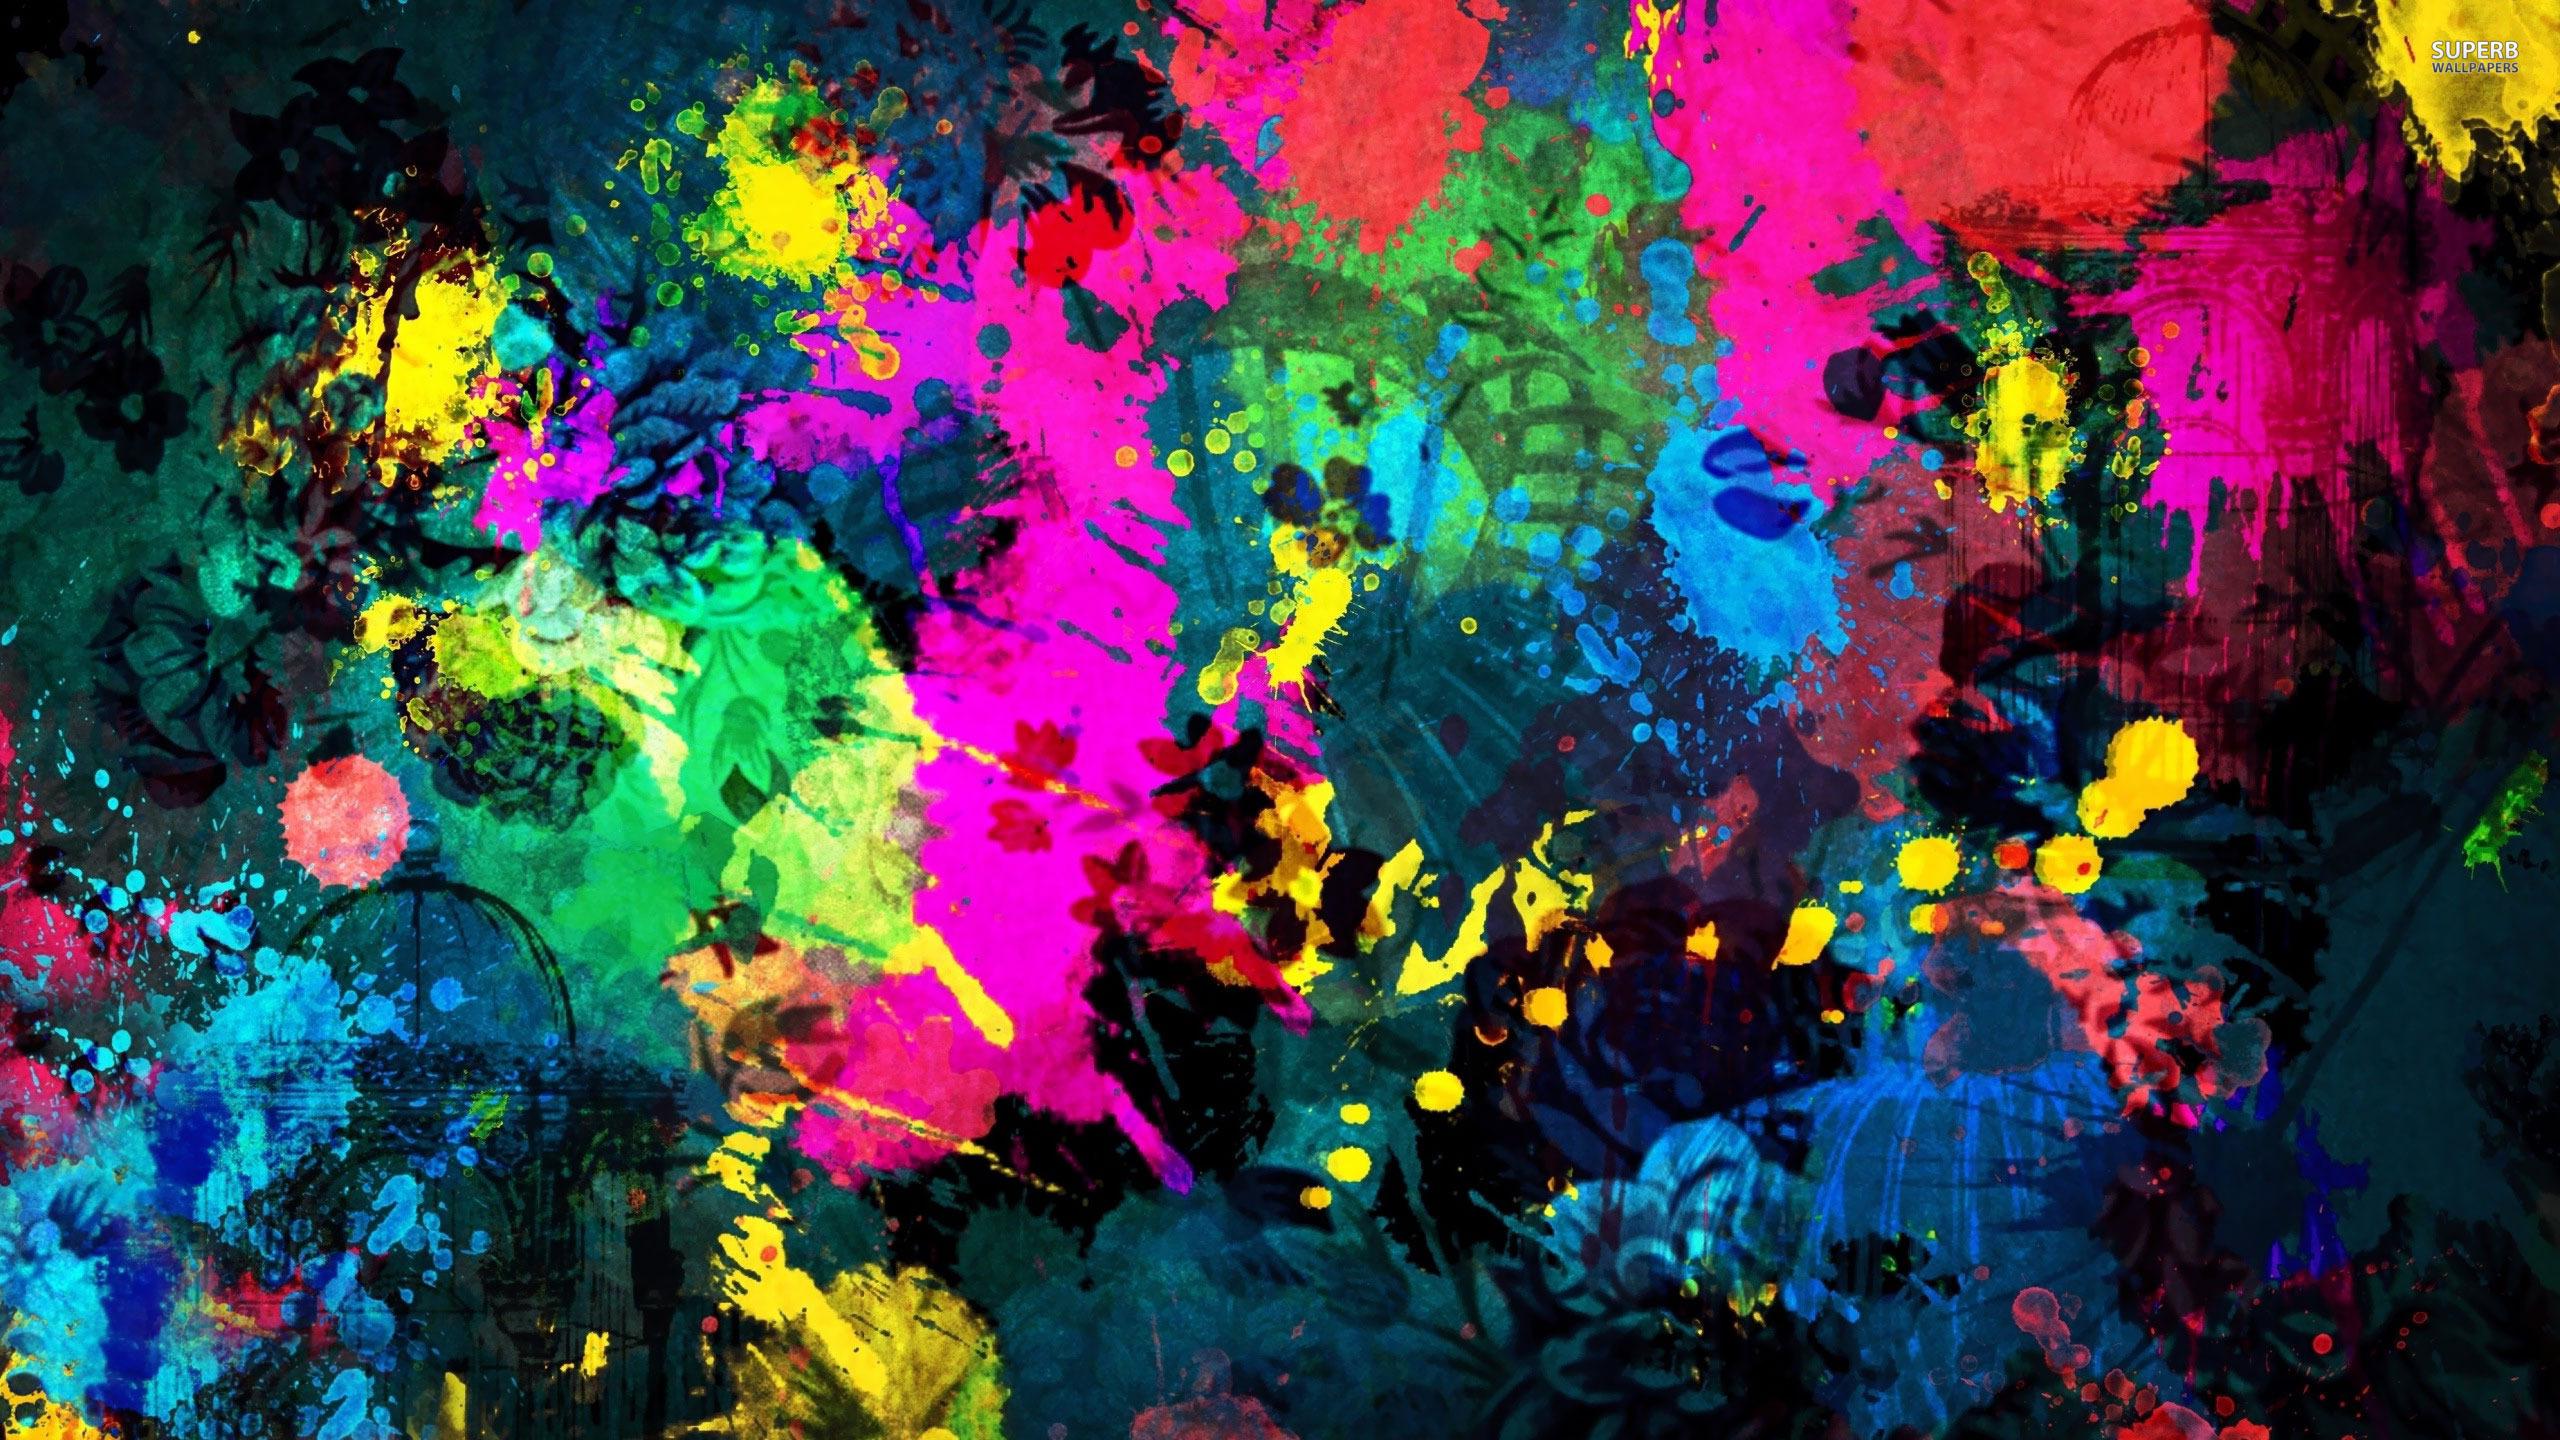 Psychedelic Wallpaper Paint Splatter